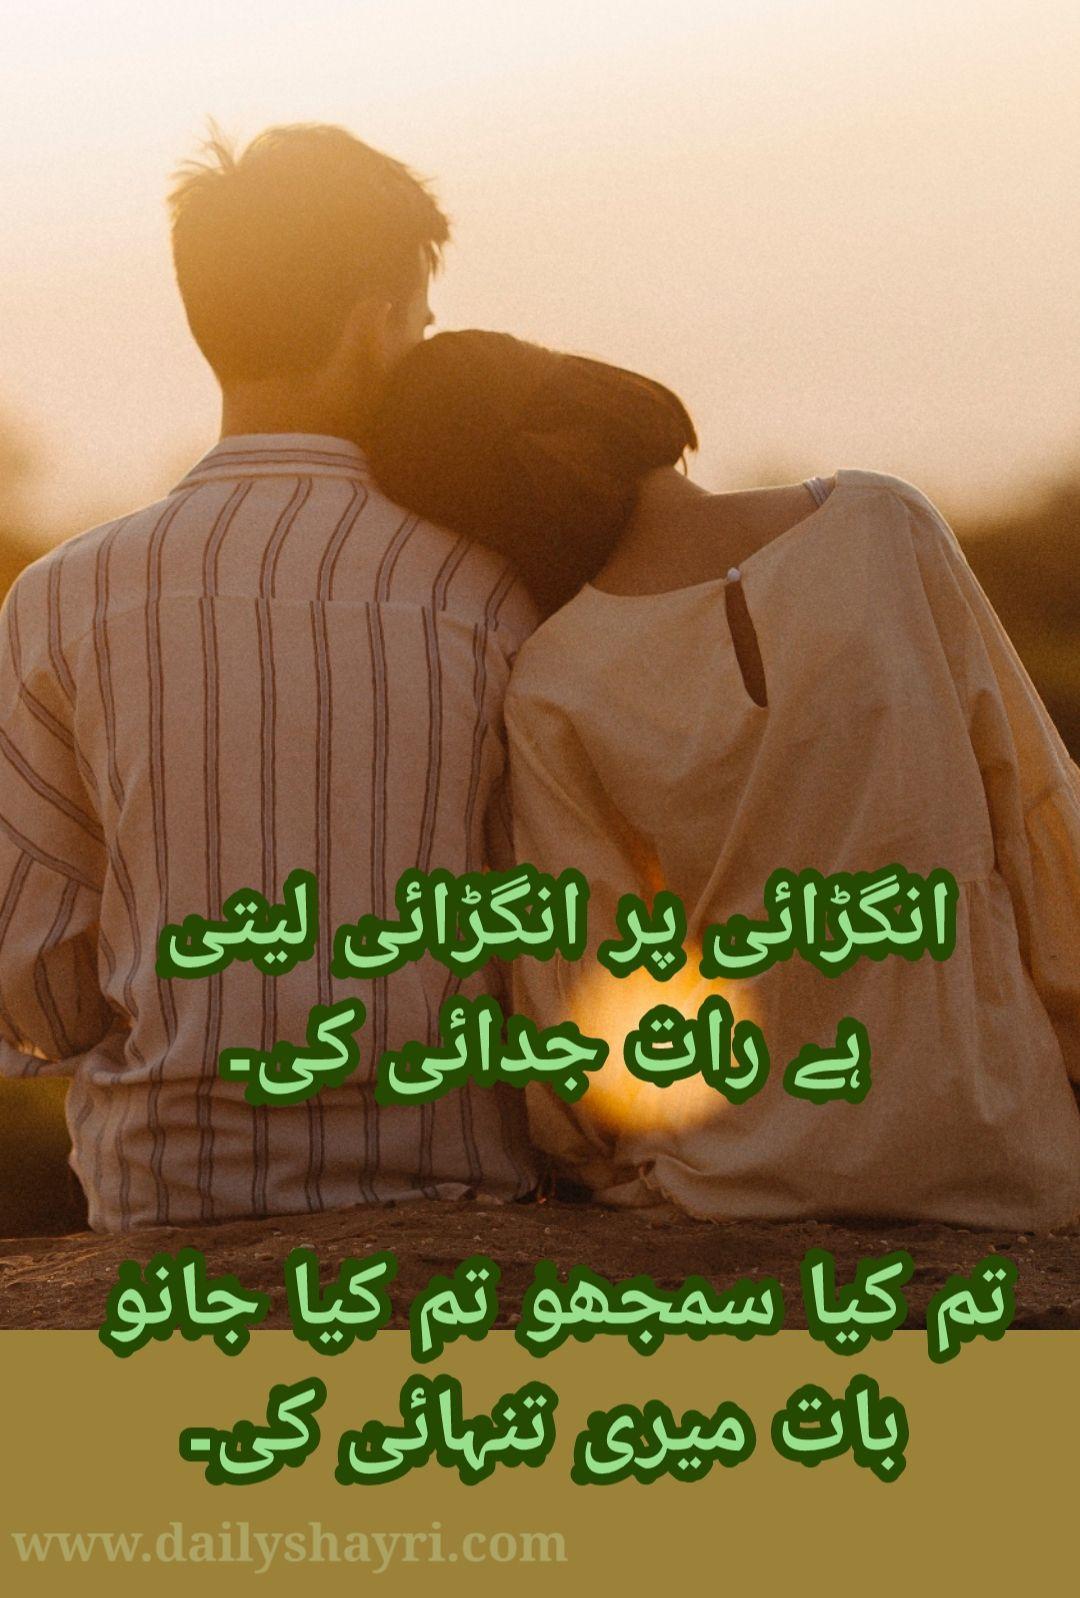 Shayari dating and in 2021 love ✔️ best urdu Punjabi adult